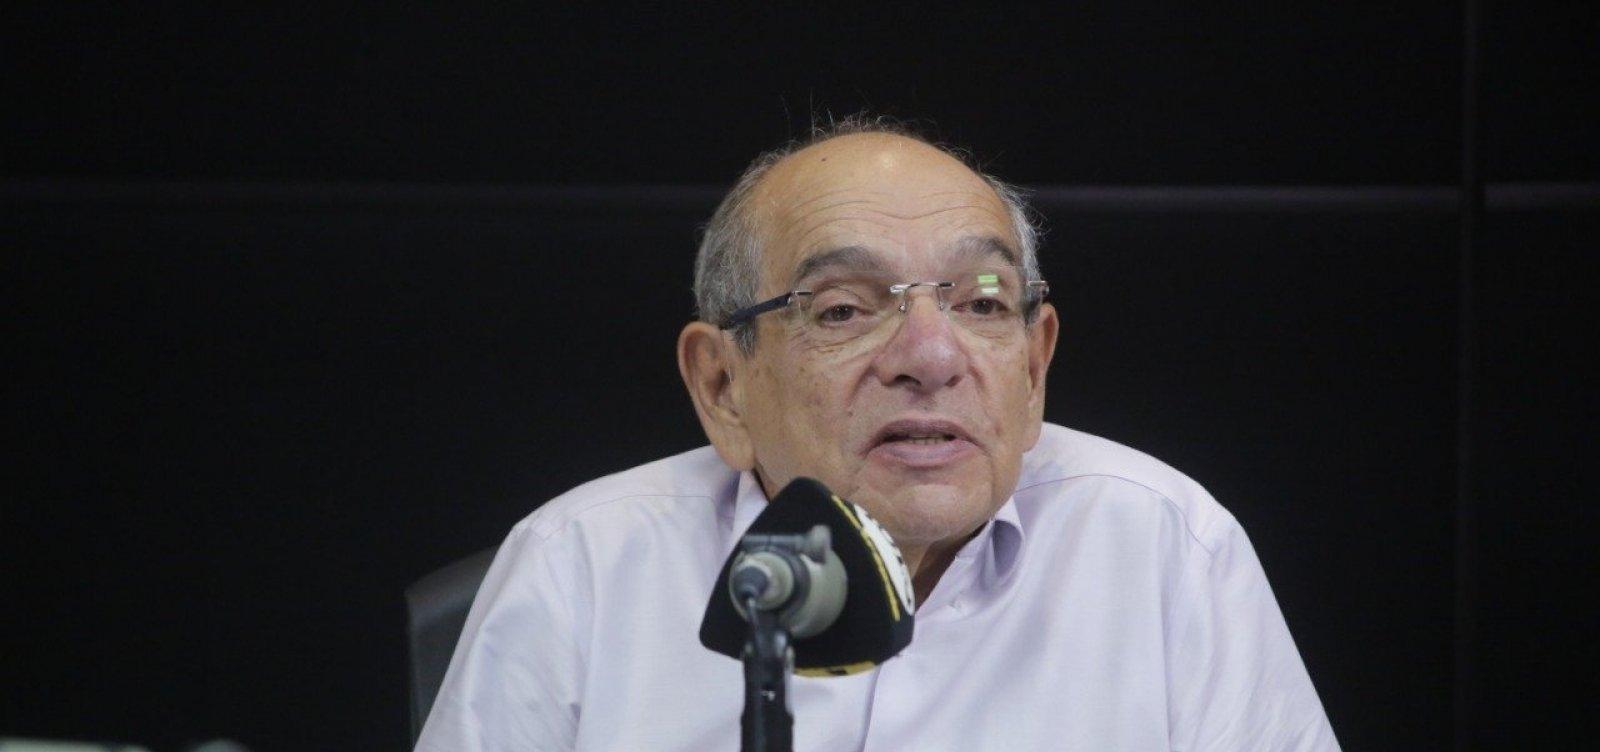 [Saída da Ford causa 'terrível impacto' na economia da Bahia e do Brasil, diz MK; ouça]